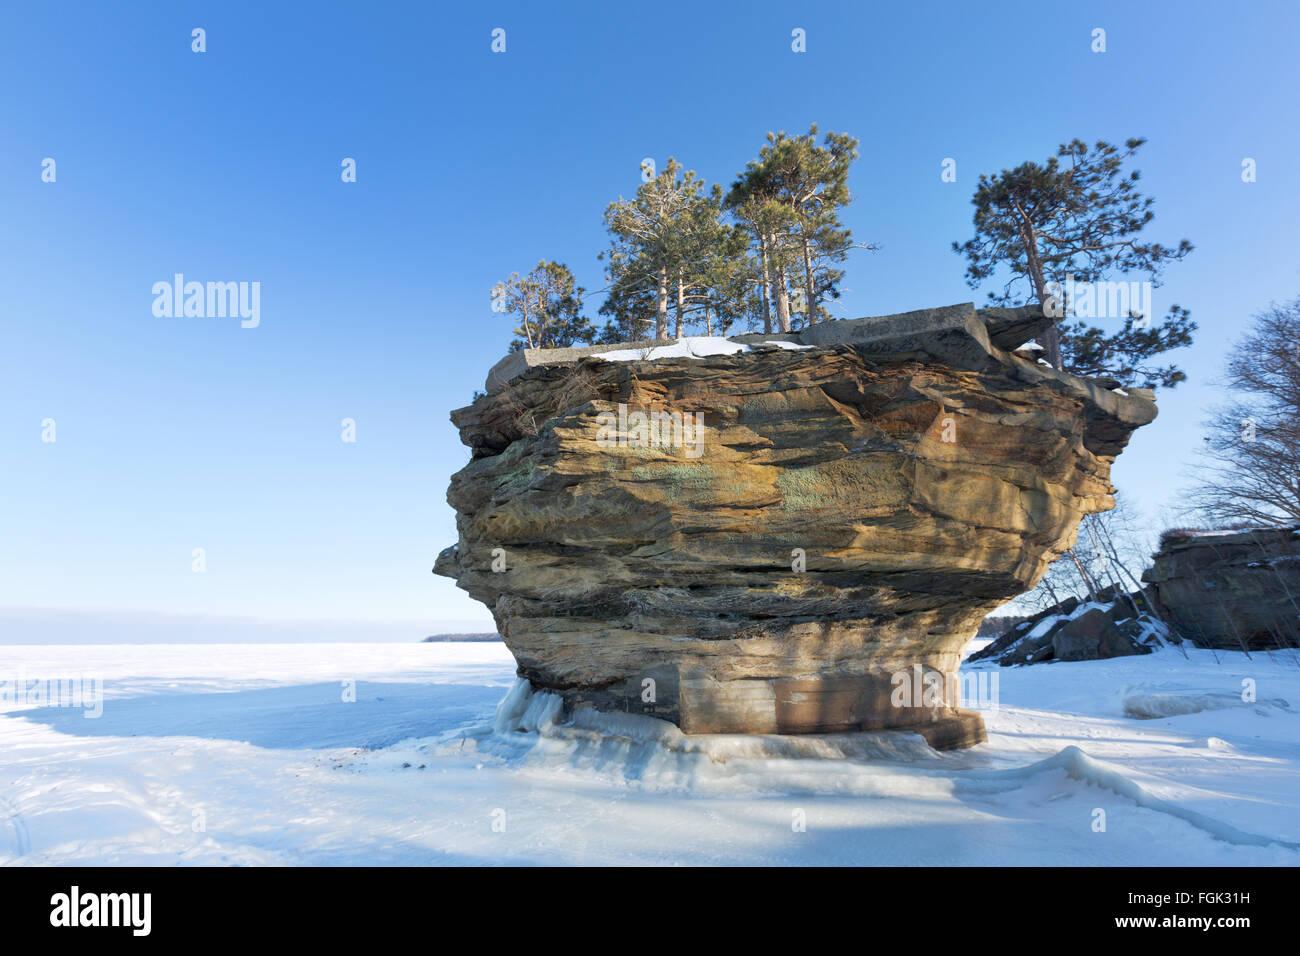 Turnip rock on lake huron in winter port austin michigan stock turnip rock on lake huron in winter port austin michigan sciox Gallery